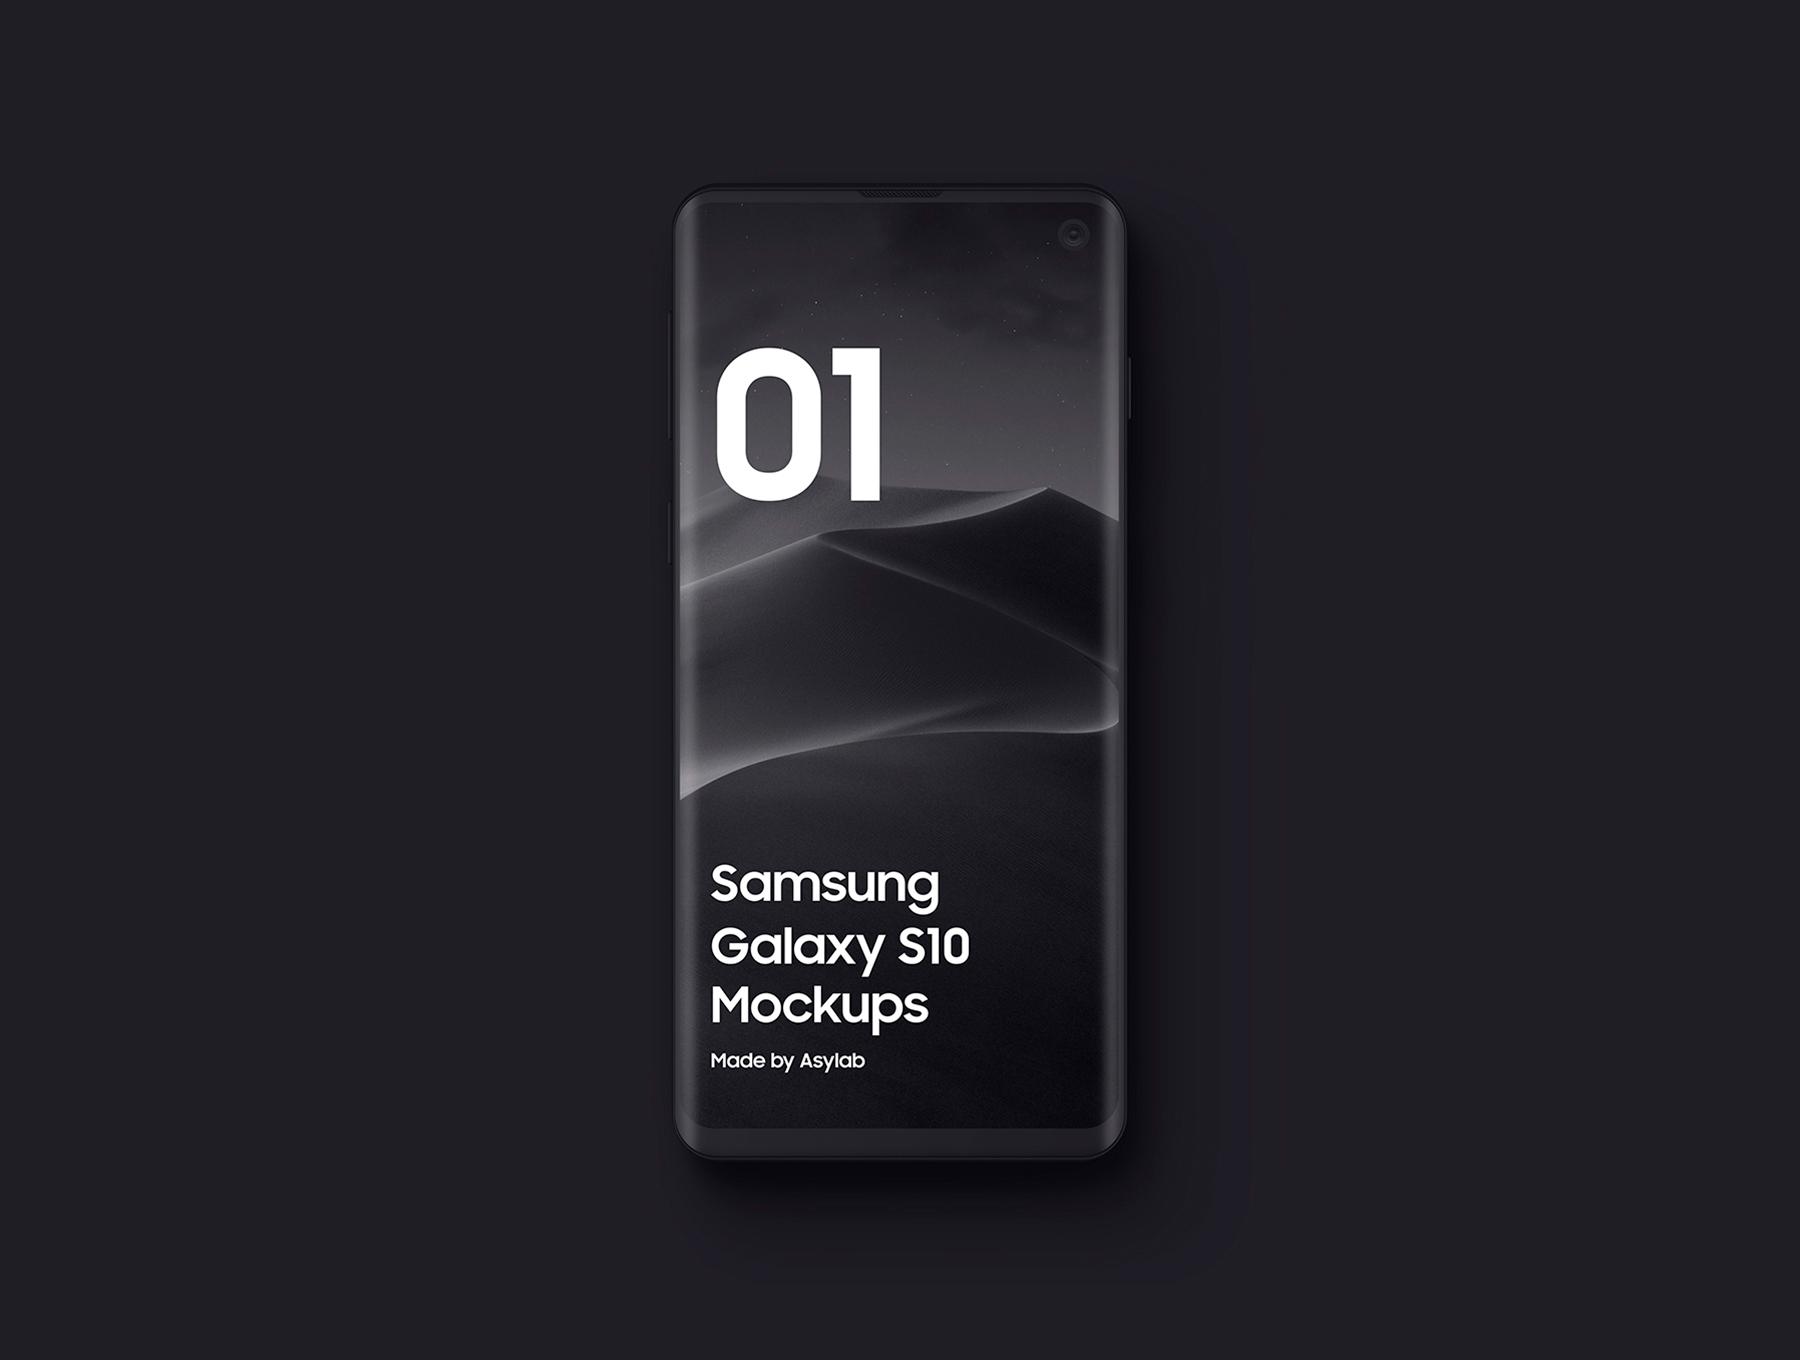 陶瓷质感三星Galaxy S10智能手机样机模板 Samsung Galaxy S10 – 21 Clay Mockups插图(4)